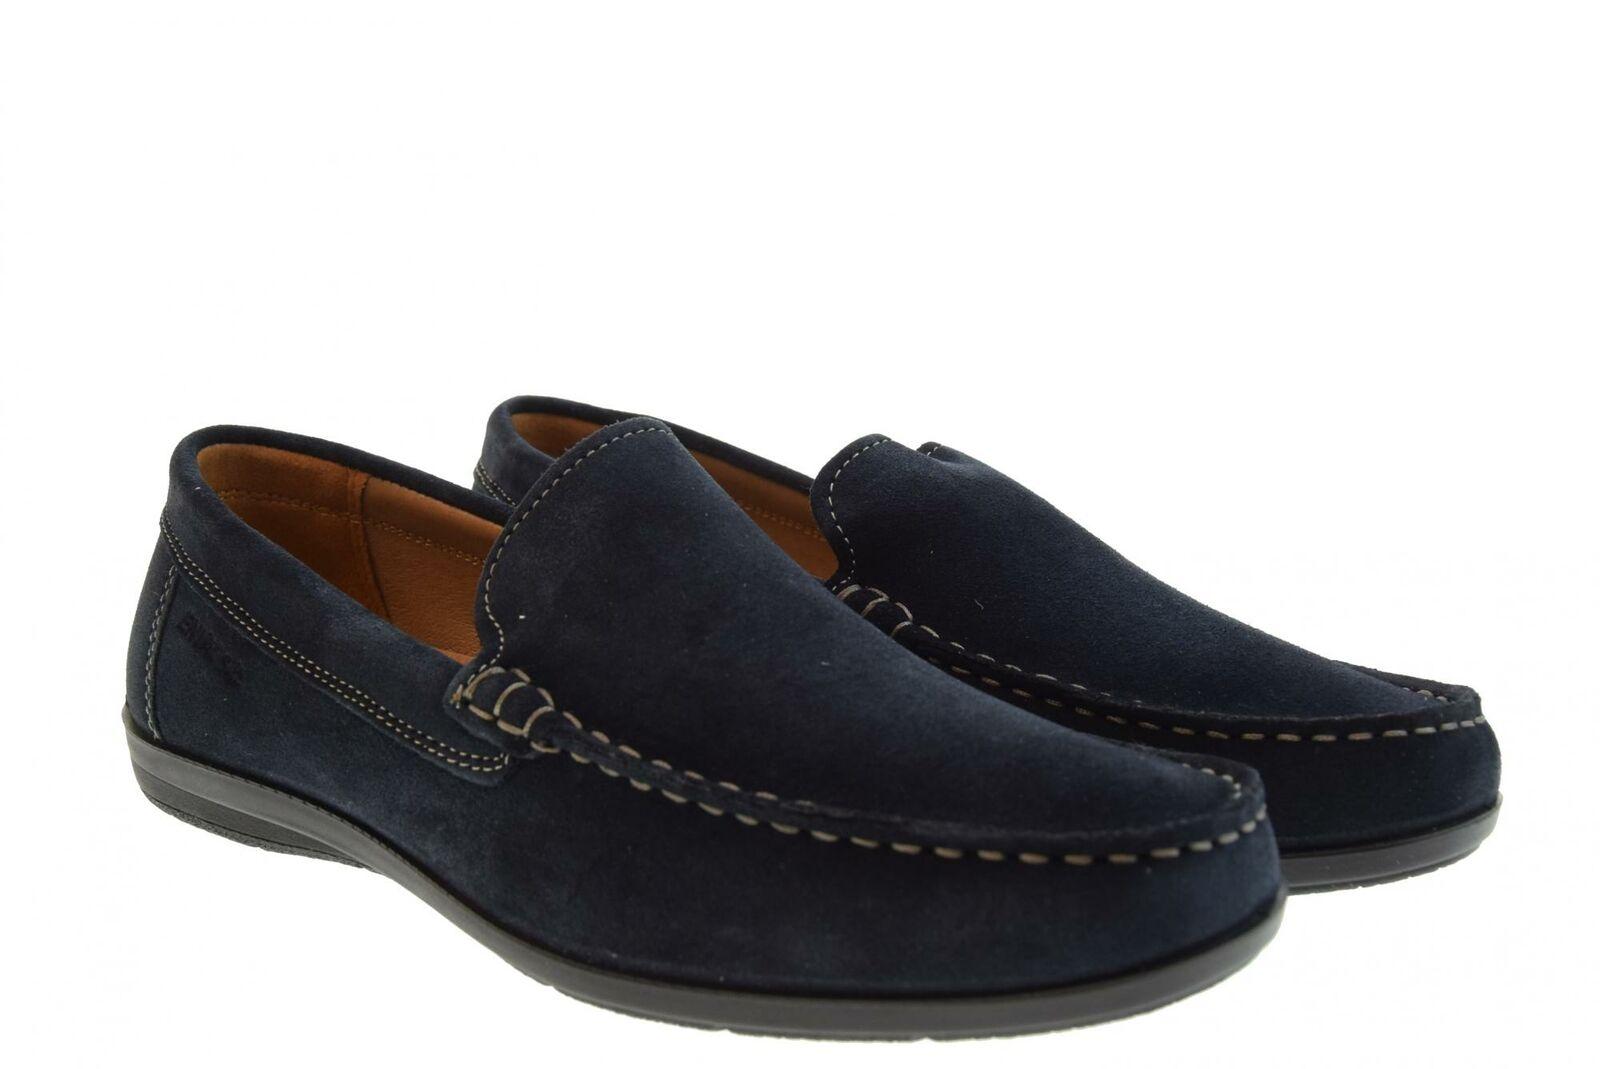 Enval Soft p19g zapatos caballero mocasín 3235633 azul